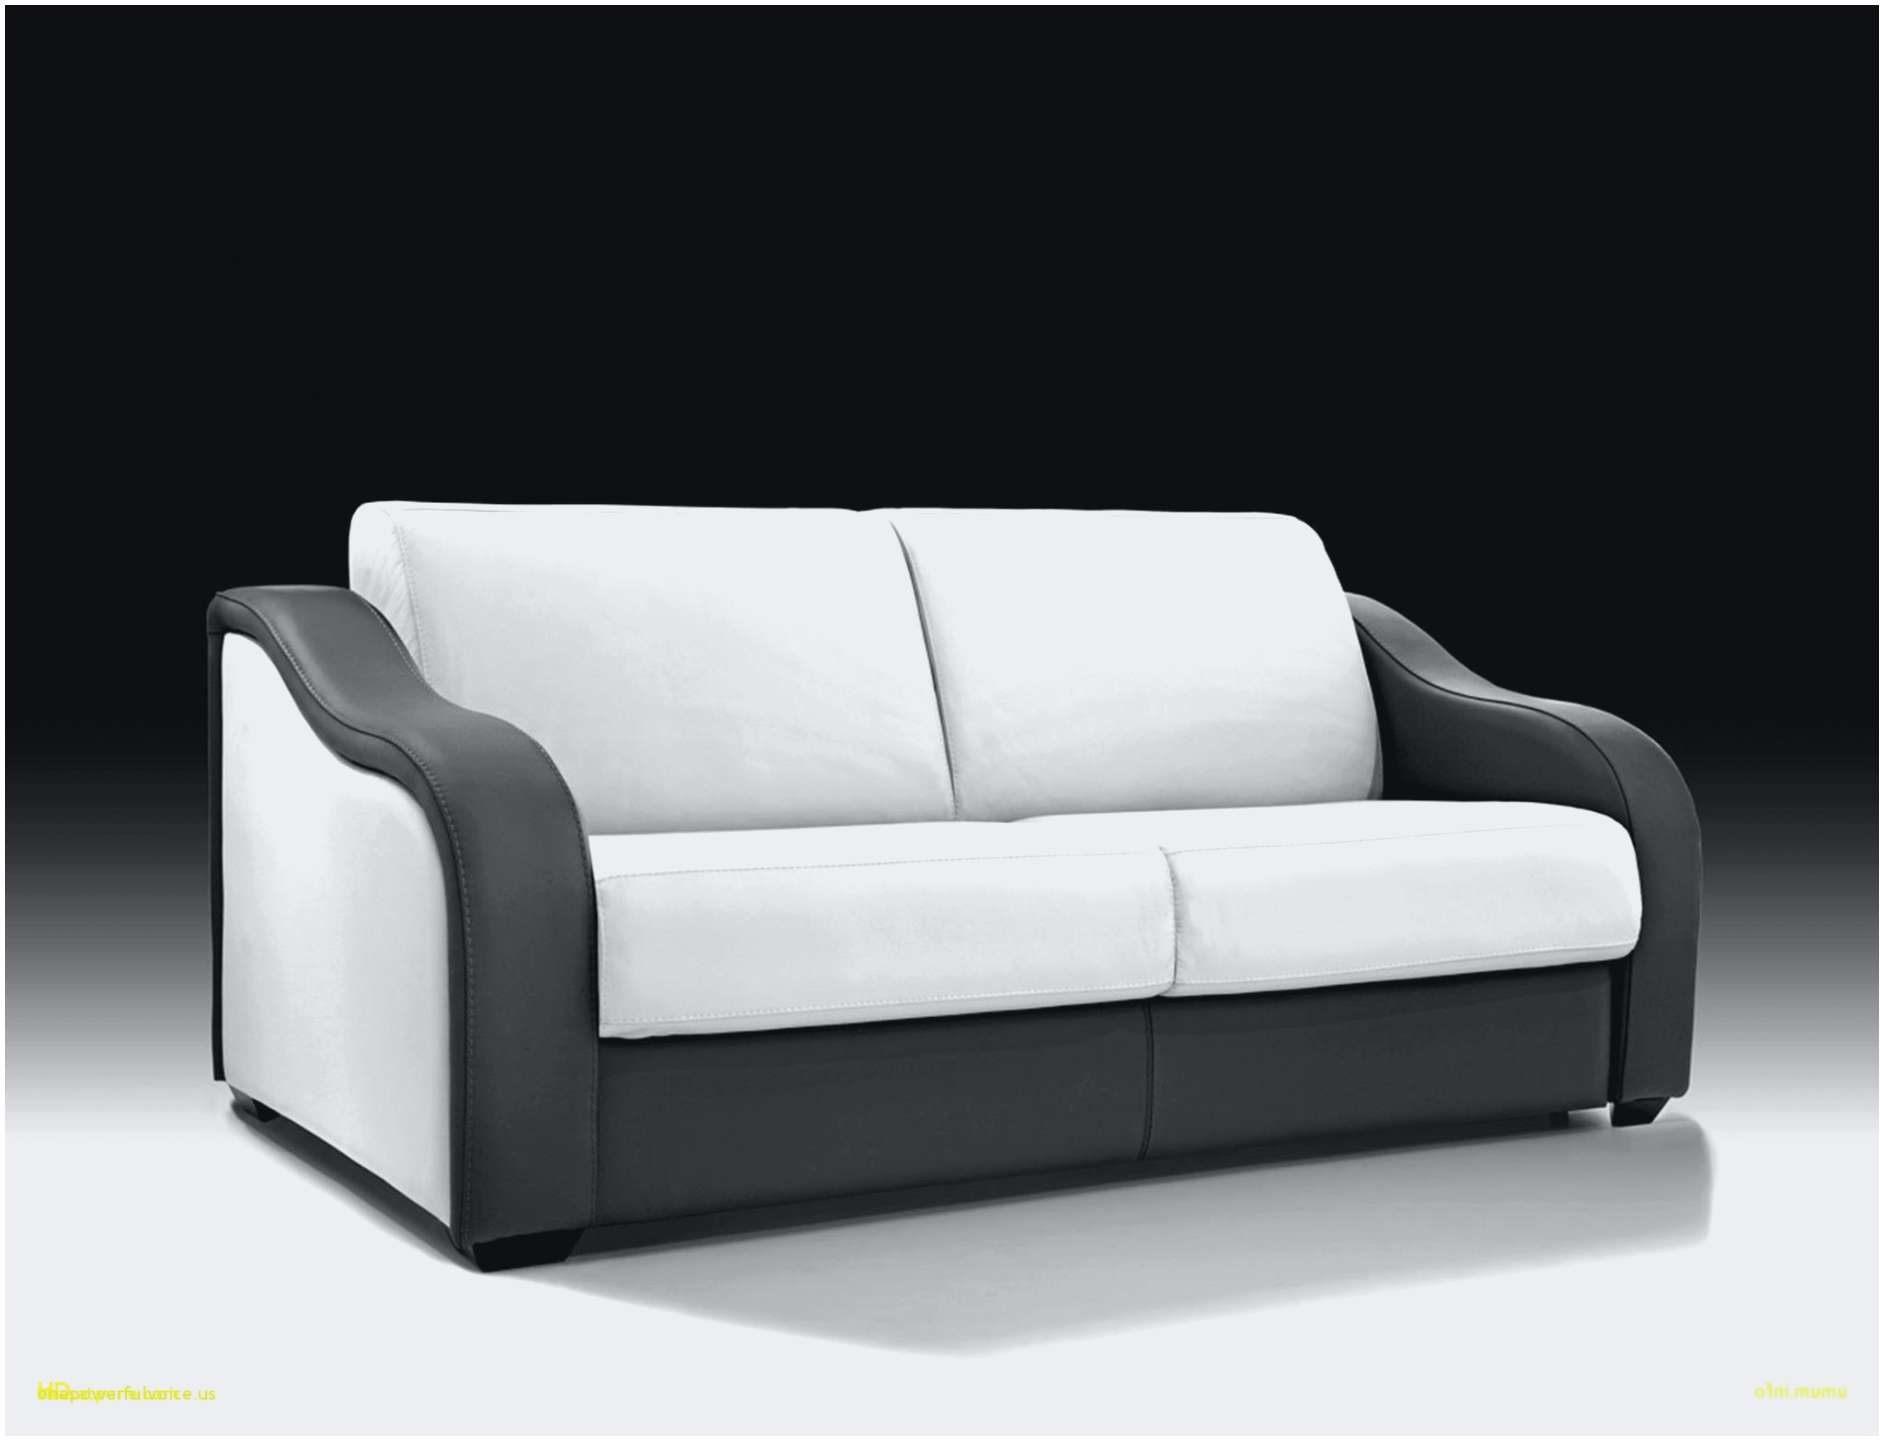 Ikea Canapé Lit Convertible Le Luxe Impressionnant Canapé Italien Direct Usine — Puredebrideur Pour